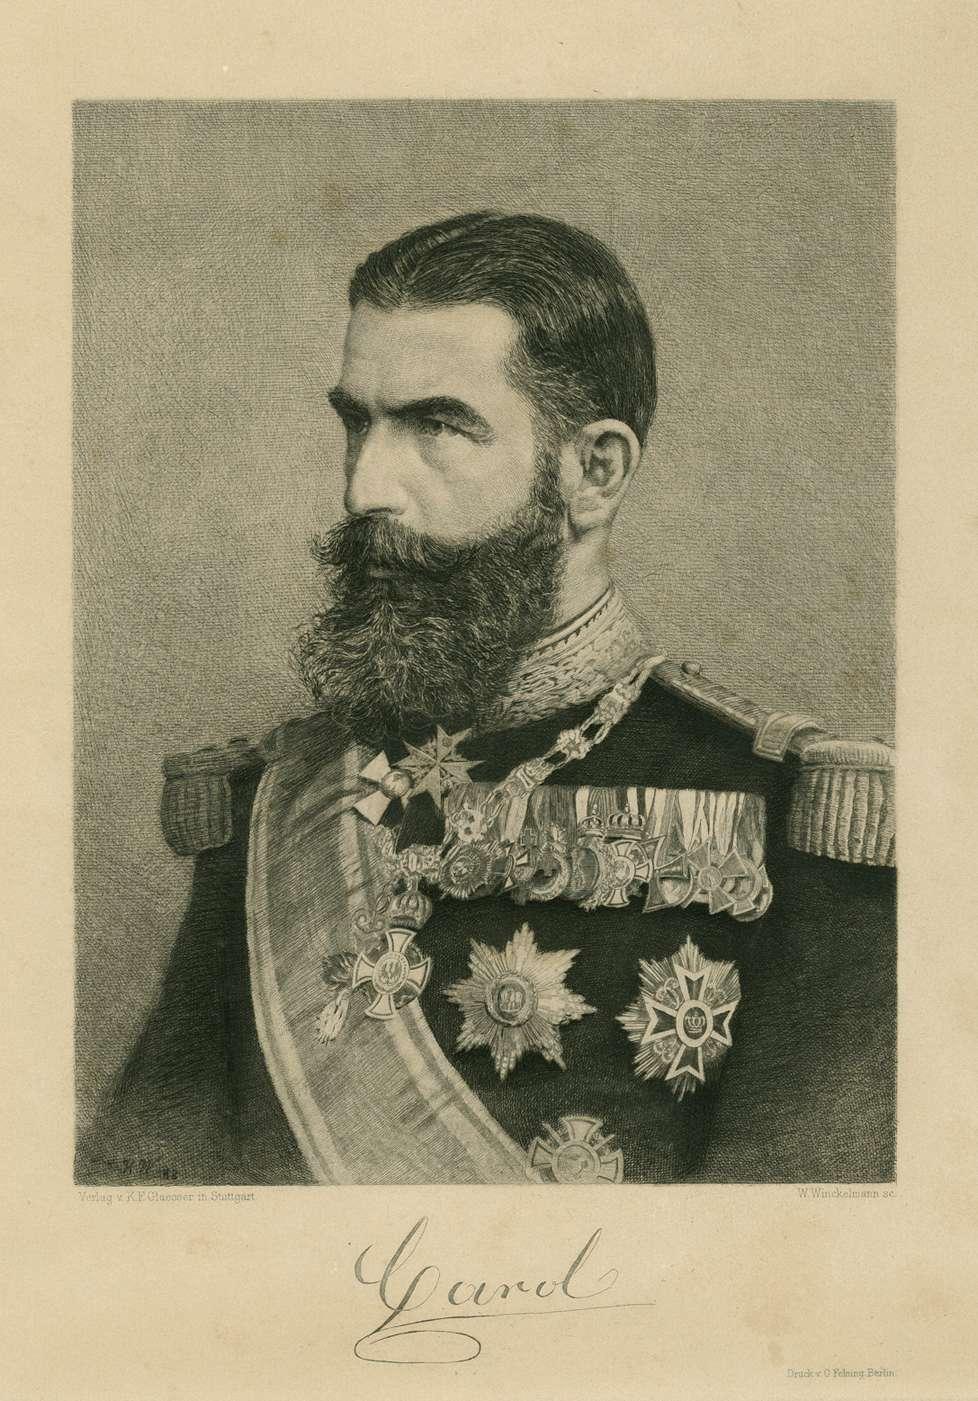 Fürst, König Carol I. (Karl I.) von Rumänien in Uniform mit Schärpe und Orden, Brustbild in Halbprofil, Bild 1